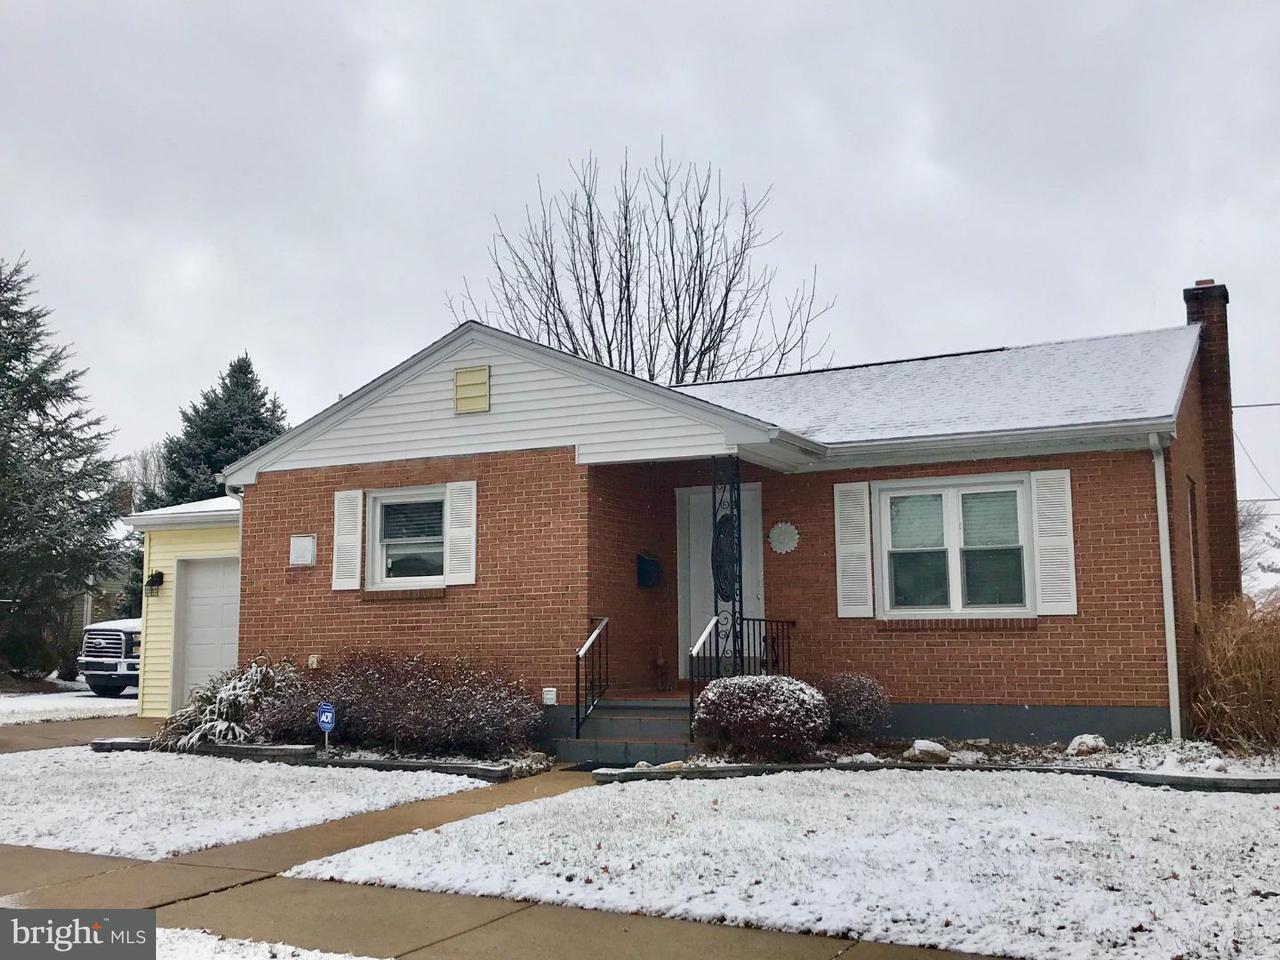 Частный односемейный дом для того Продажа на 807 CENTER Road Womelsdorf, Пенсильвания 19567 Соединенные Штаты